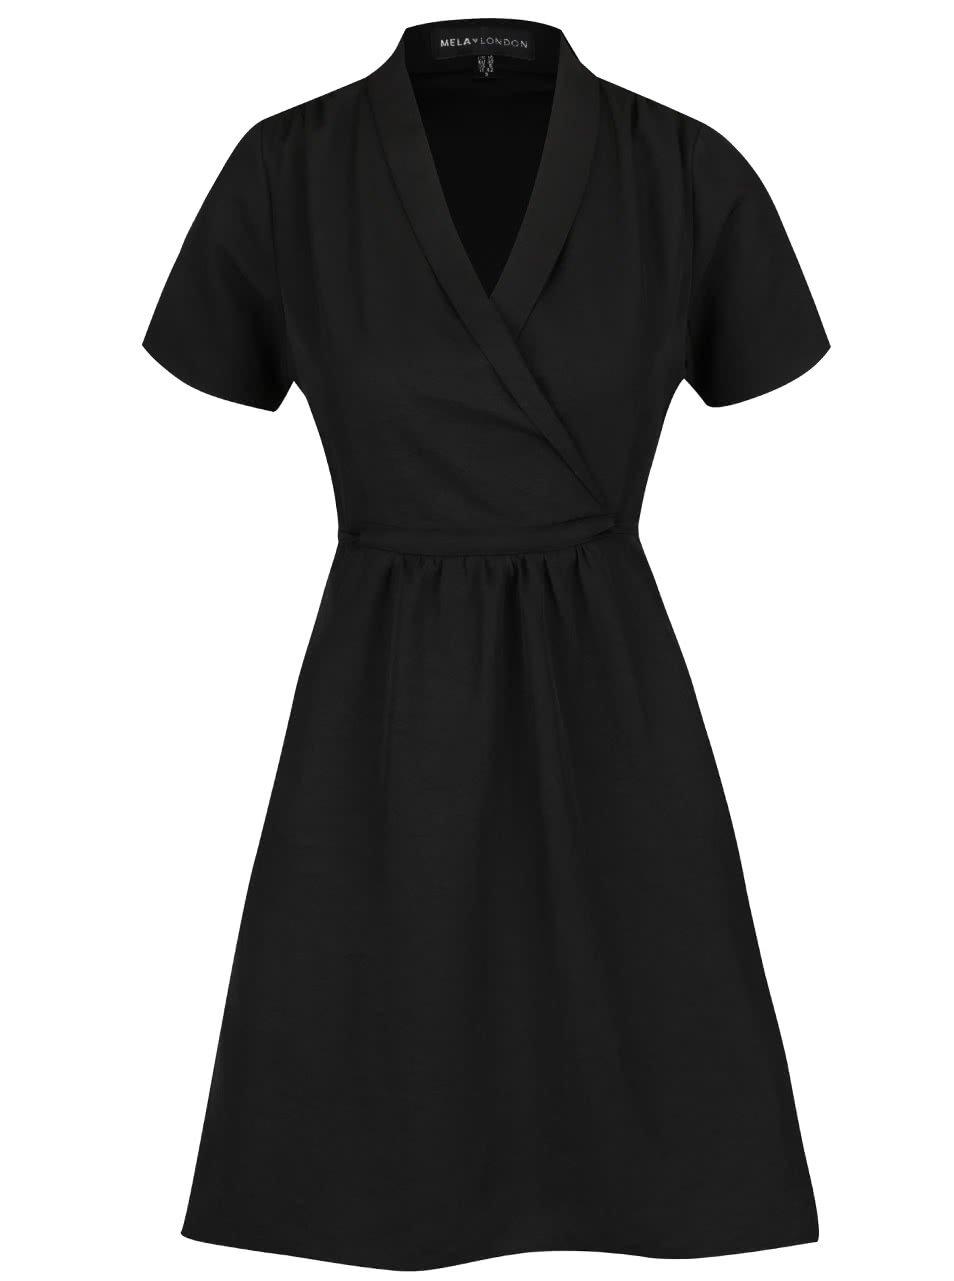 Černé šaty Mela London